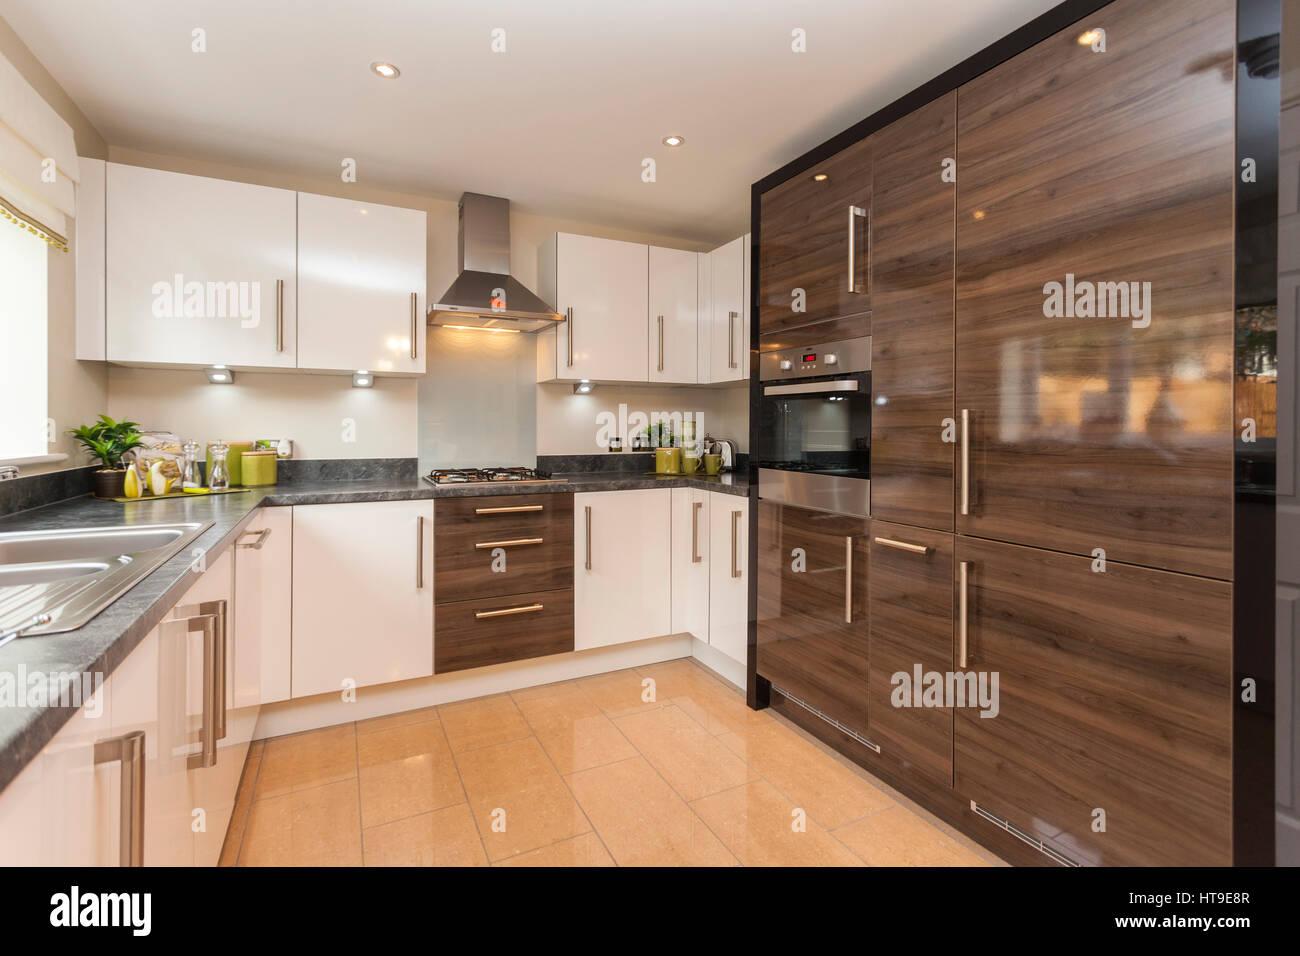 Charming Küche Boden The Best Of Home Interieur, Moderne Küche, Neue Heimat, Weiße